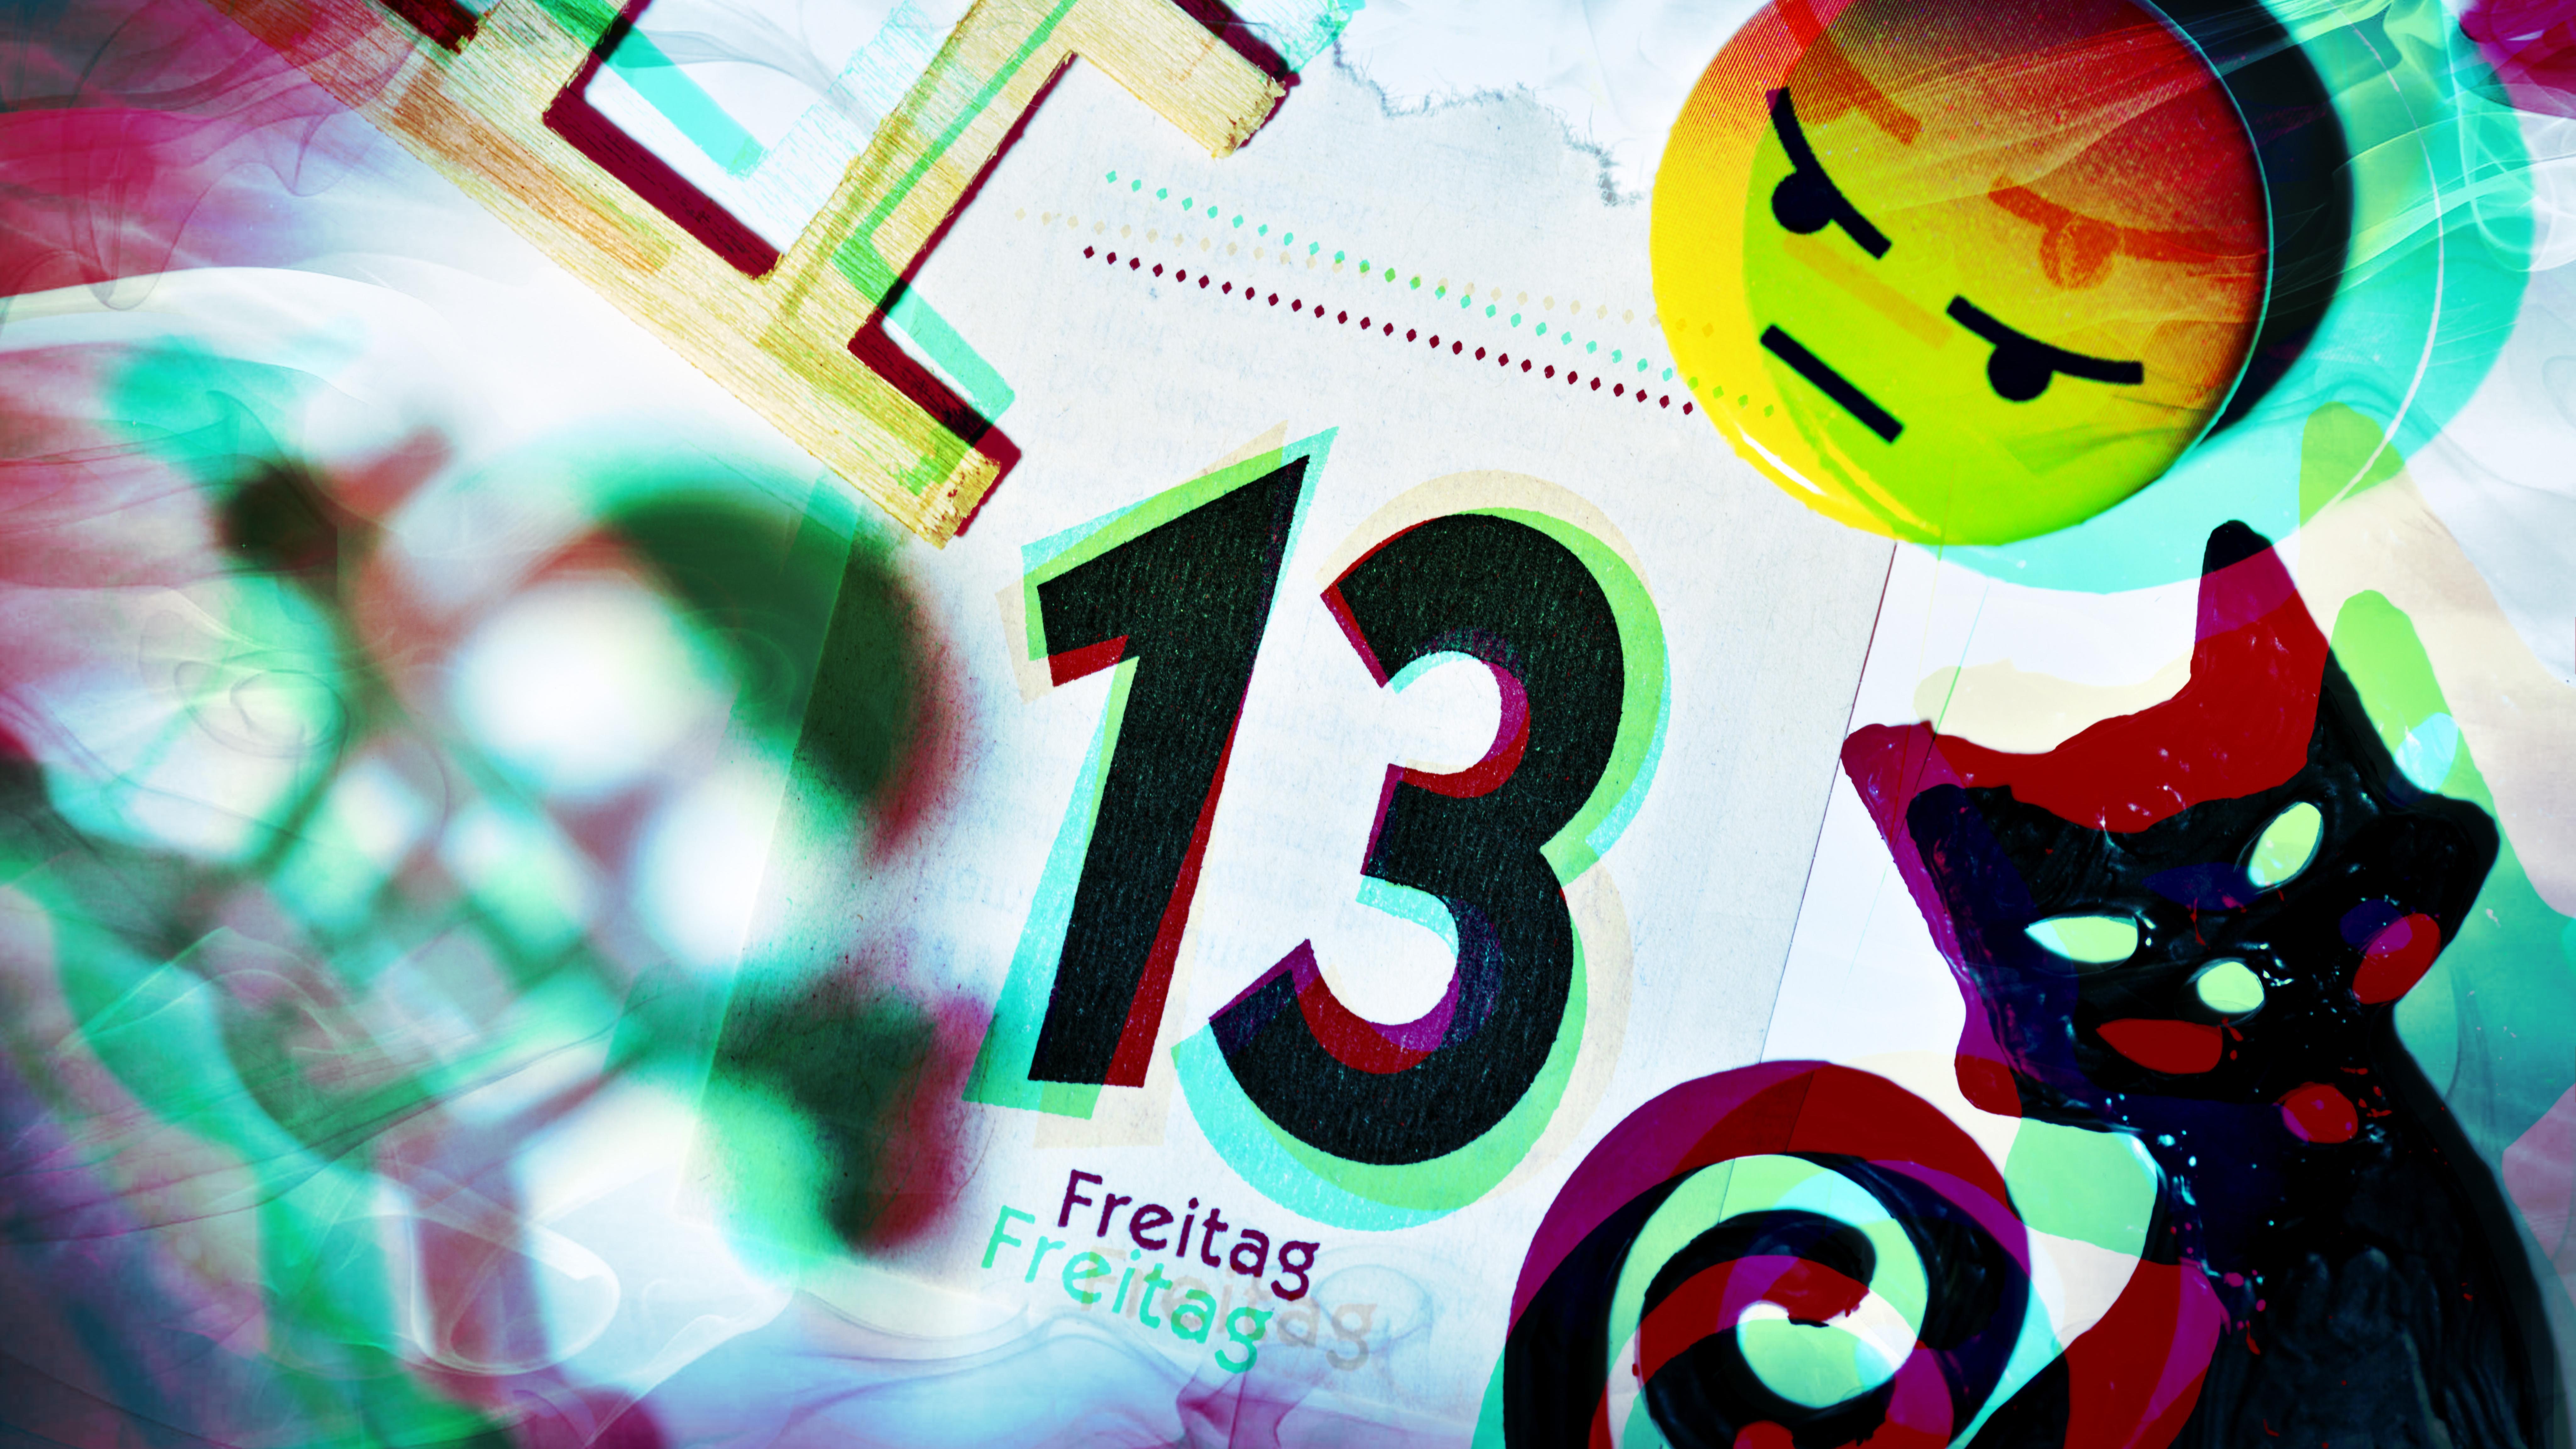 Freitag der 13 glückstag